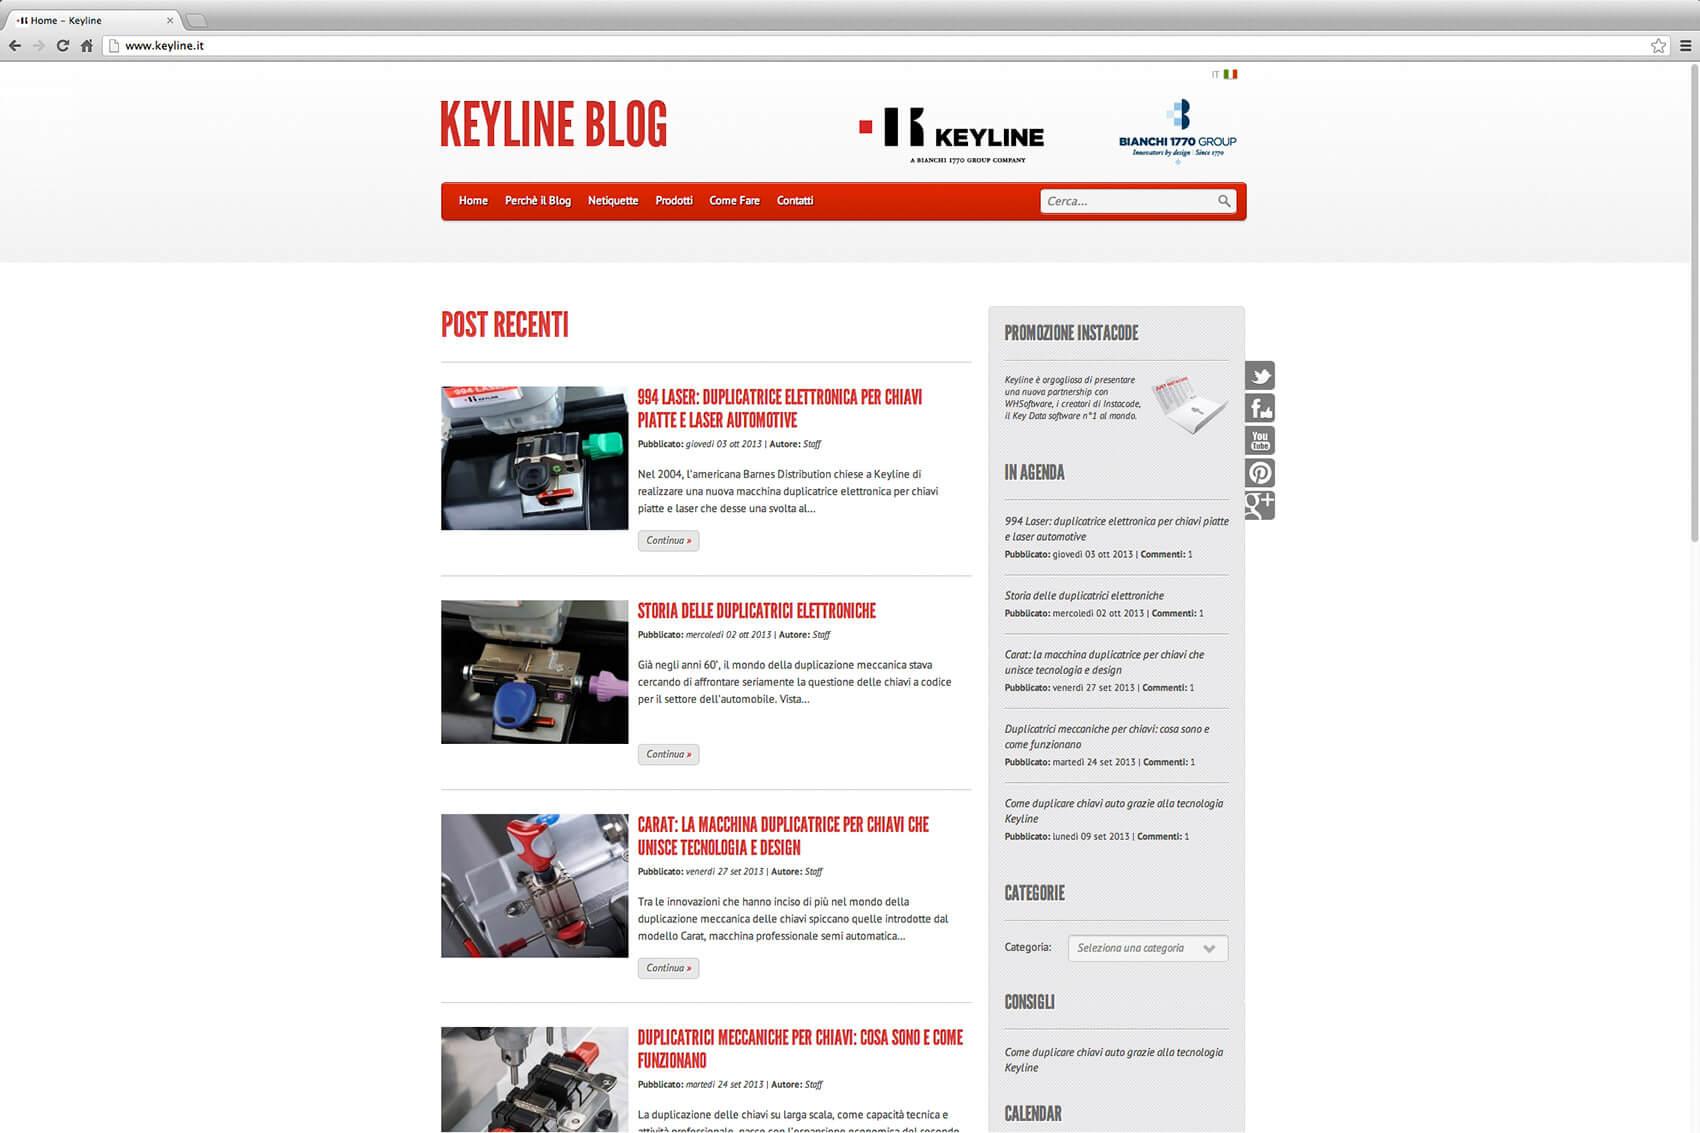 Keyline Website Redesign 4